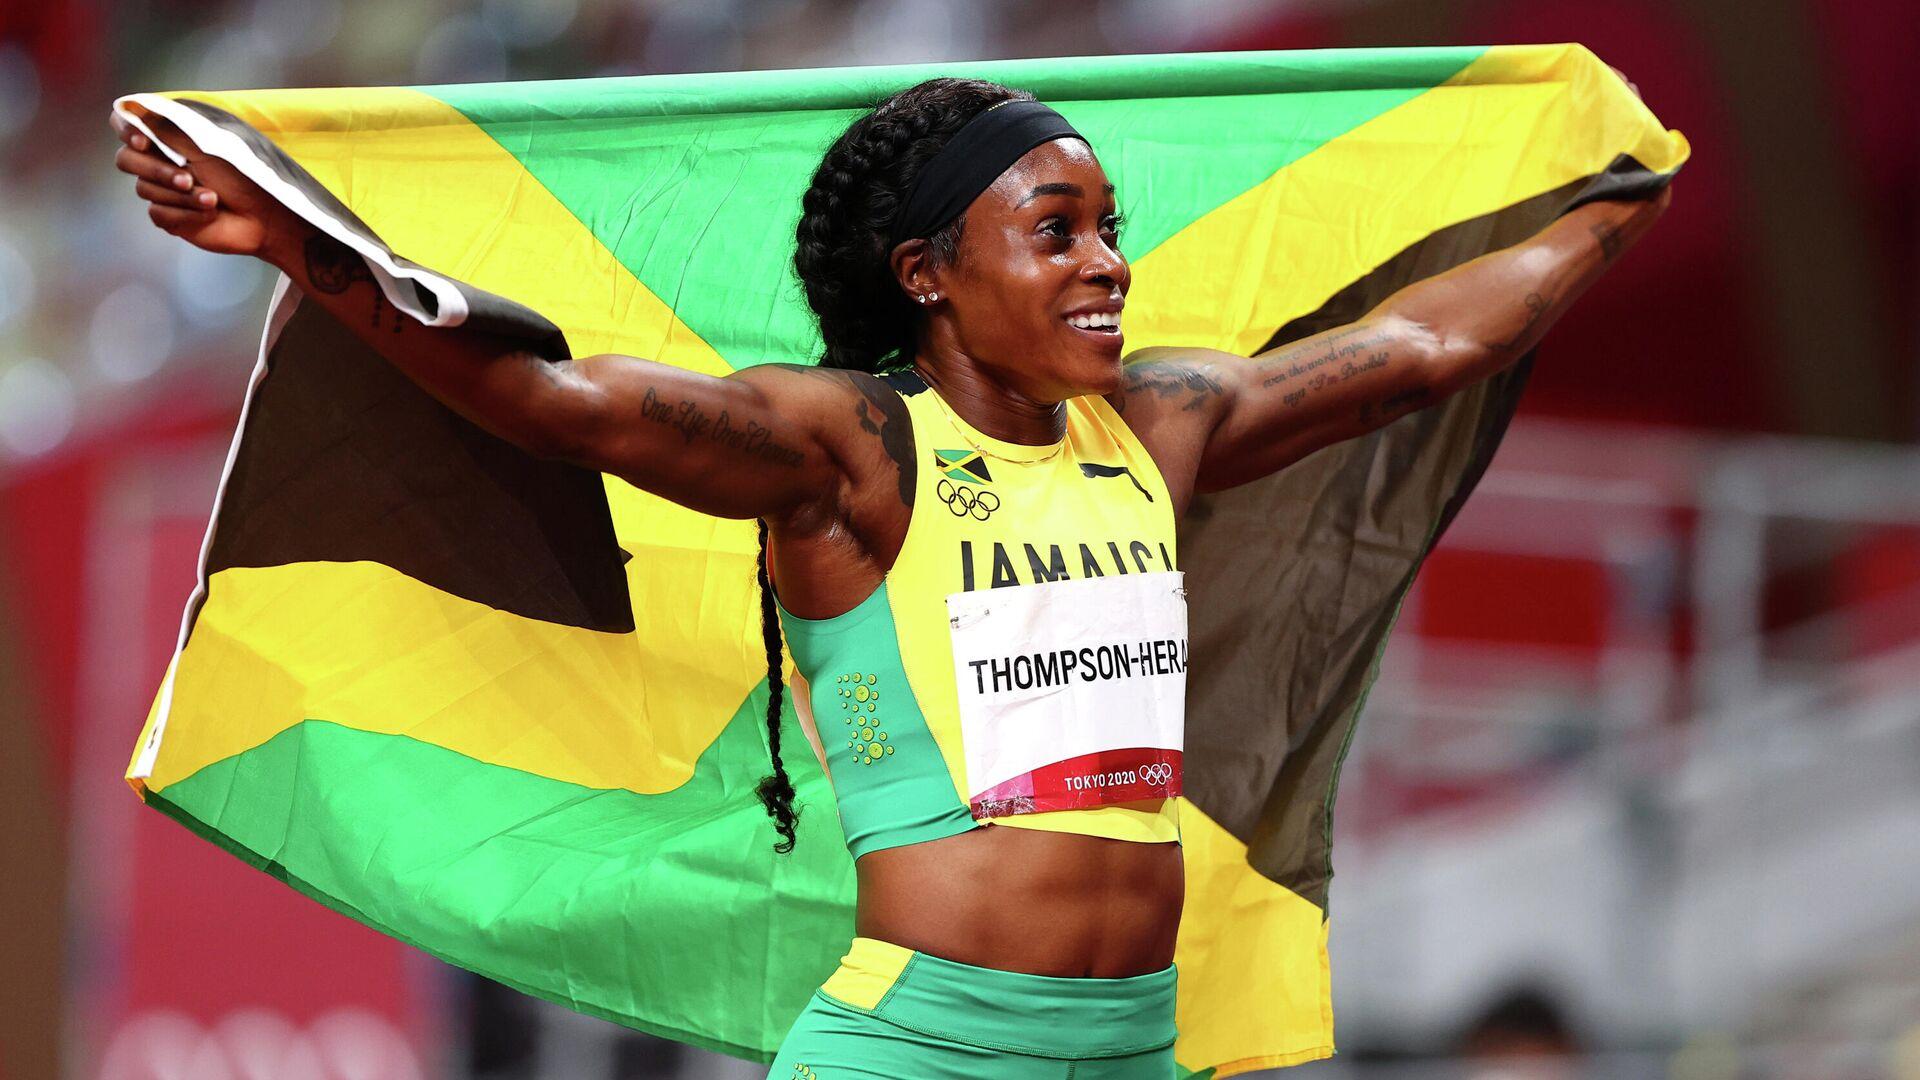 La atleta jamaicana Elaine Thompson-Herah, Tokio, el 3 de agosto de 2021 - Sputnik Mundo, 1920, 03.08.2021